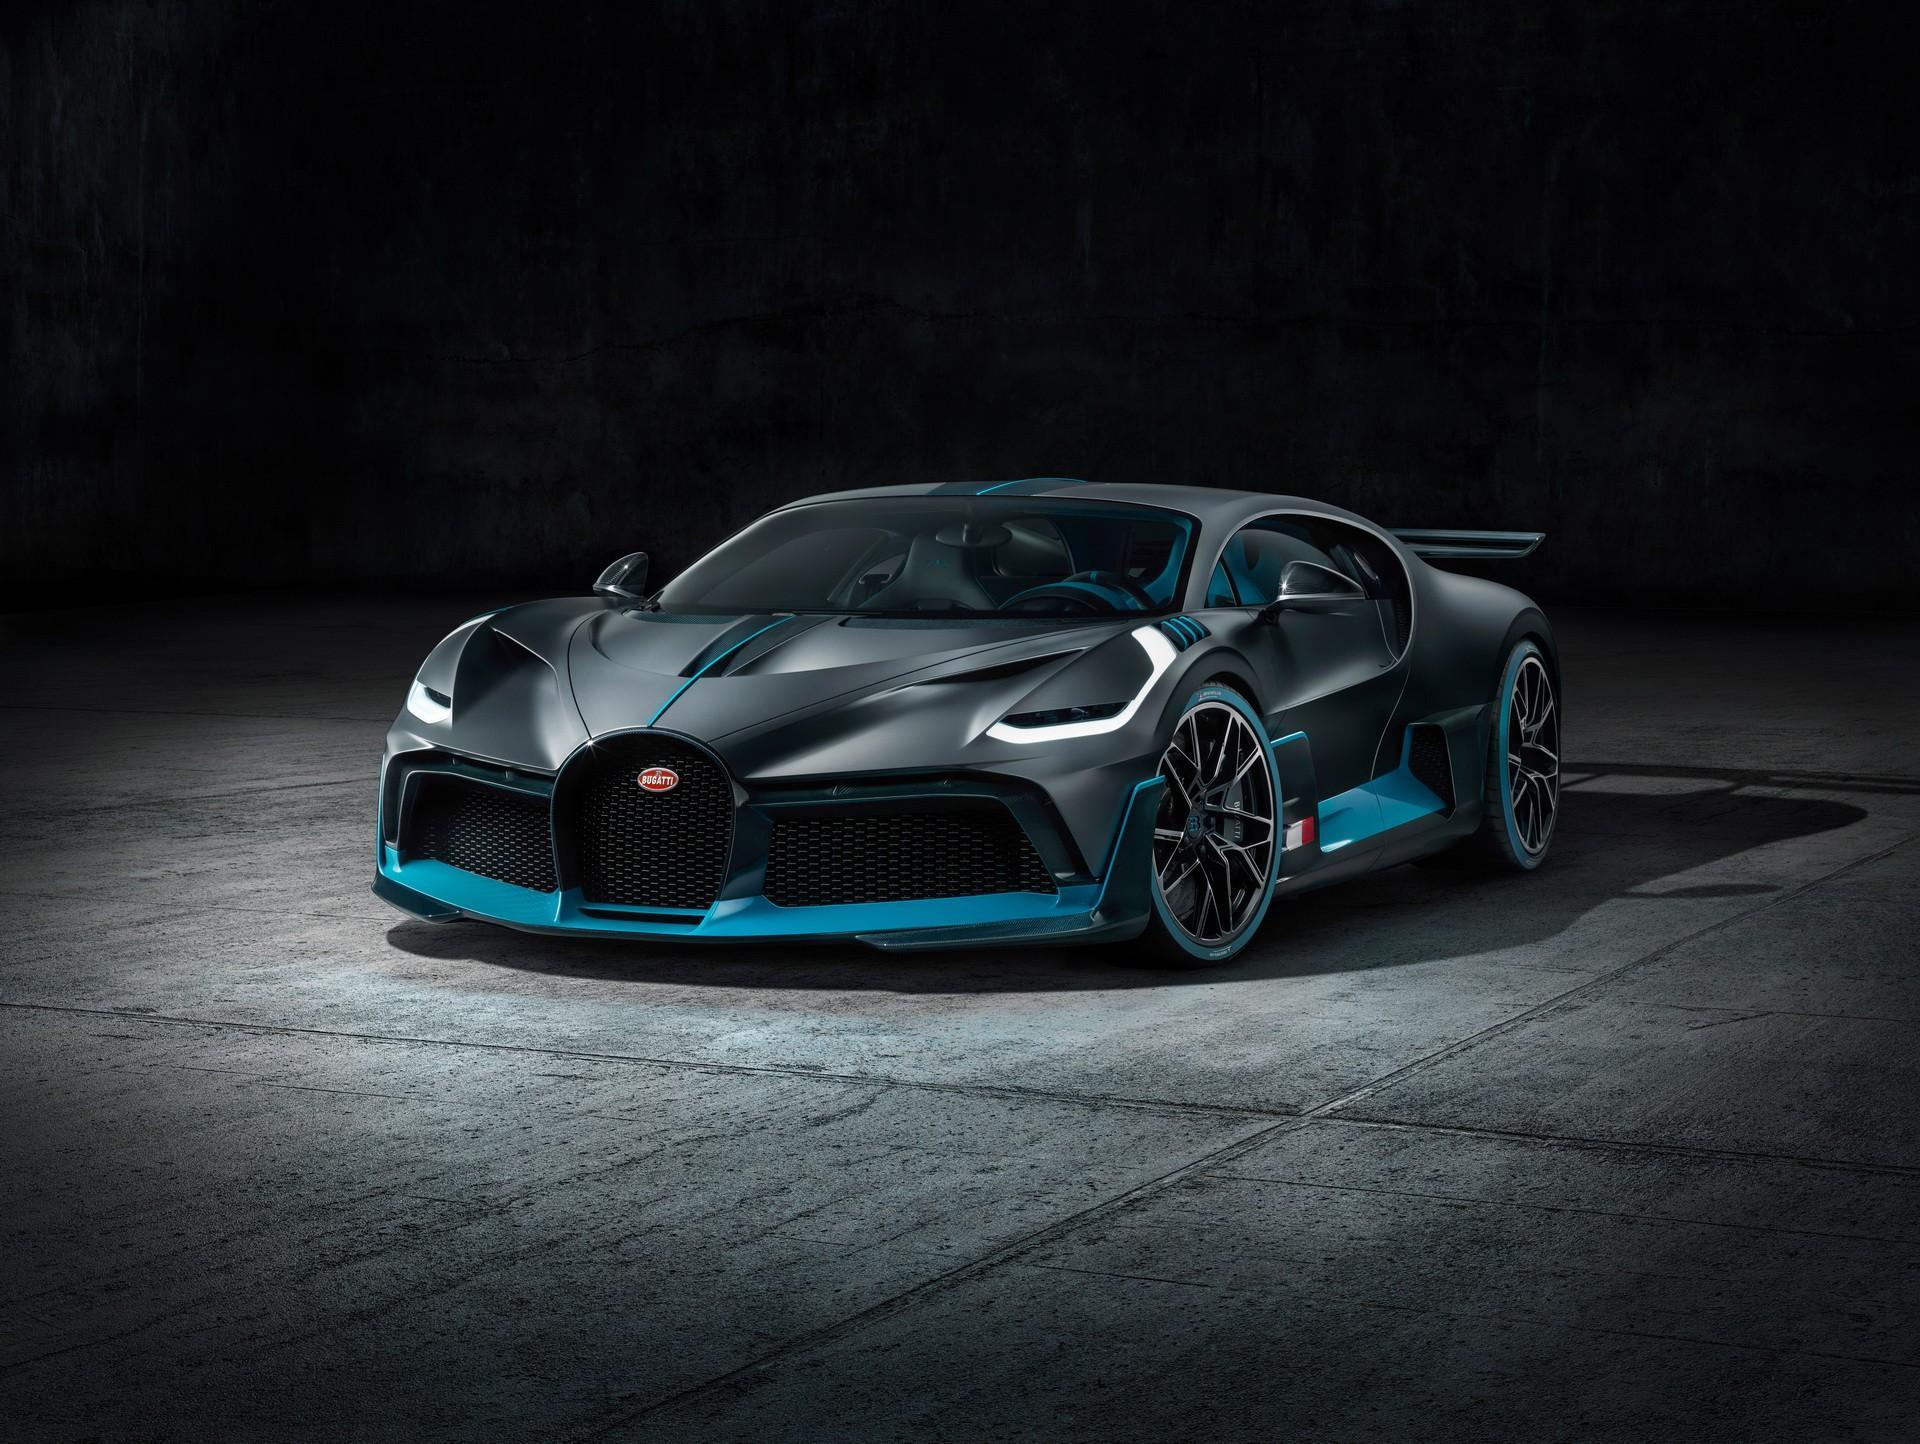 Mẫu Bugatti Divo đầu tiên sẽ được bán ra với mức giá hơn 5,4 triệu USD Ảnh 1